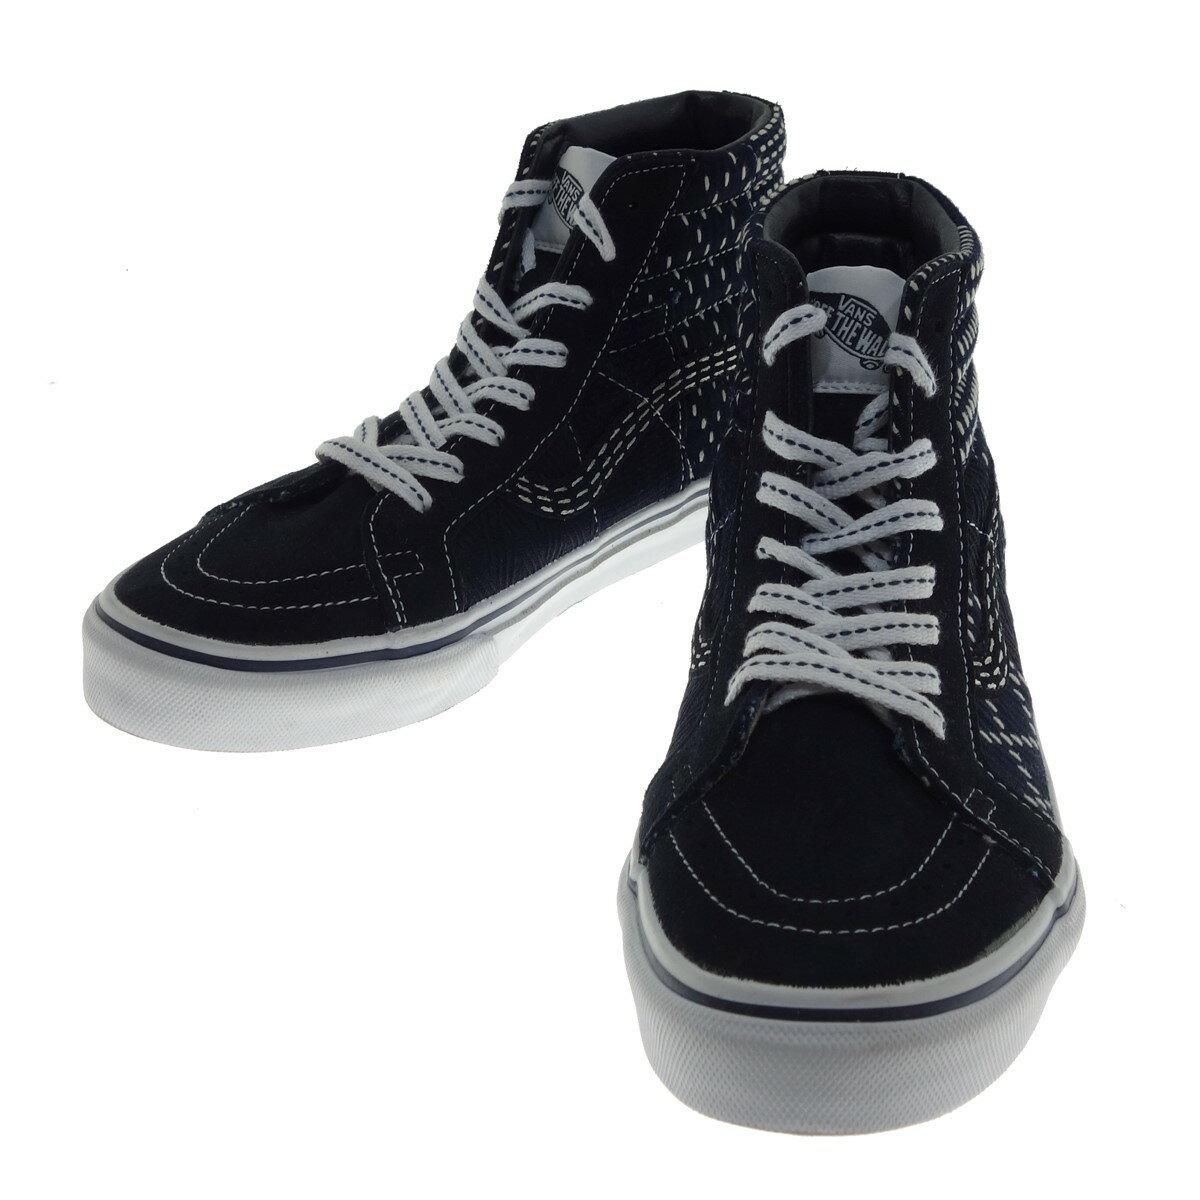 メンズ靴, その他 VANS FDMTL SK8-HI 27cm 210420